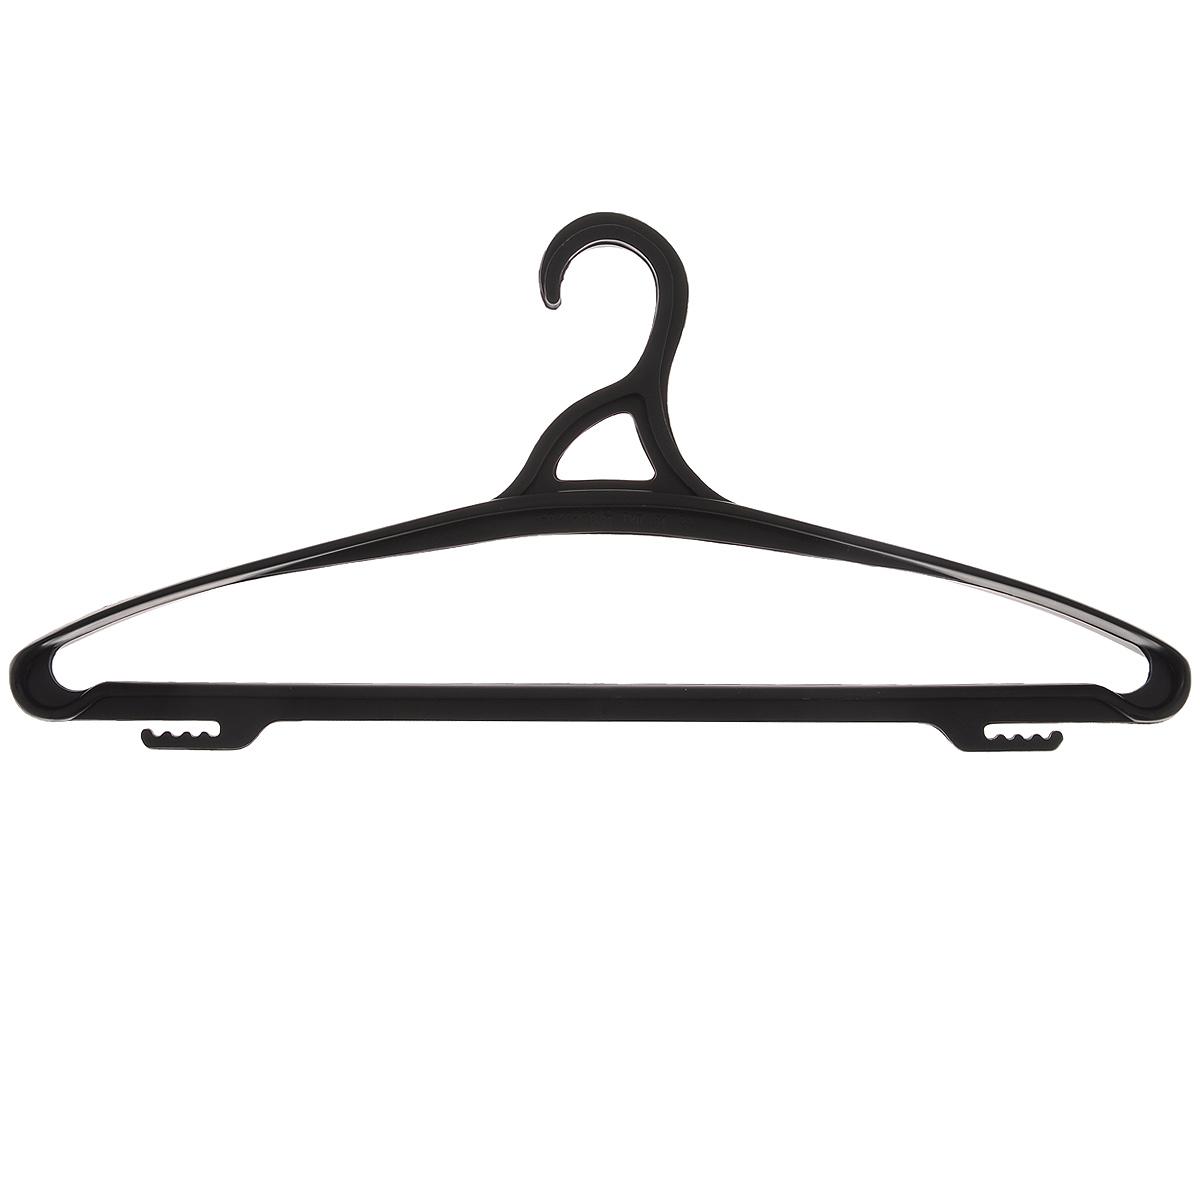 Вешалка для одежды Бытпласт, цвет: черный, размер 48-50С12022Вешалка для одежды Бытпласт выполнена из прочного пластика.Изделие оснащено перекладиной и боковыми крючками.Вешалка - это незаменимая вещь для того, чтобы ваша одежда всегда оставалась в хорошем состоянии.Размер одежды: 48-50.